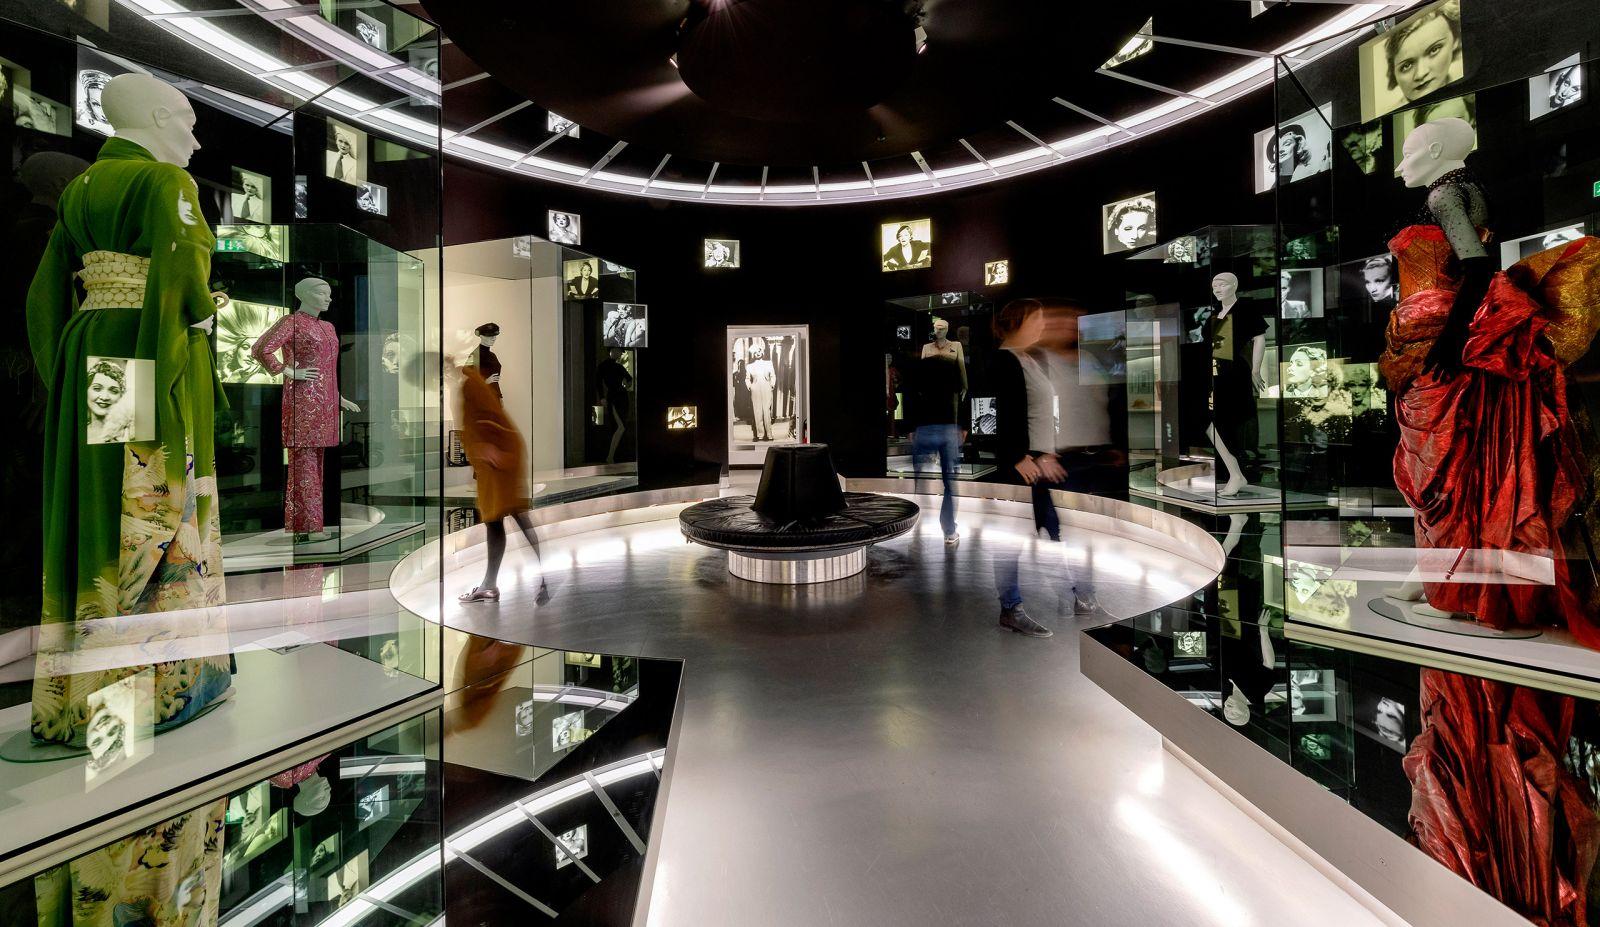 Der Marlene-Dietrich-Raum in der Ständigen Ausstellung der Deutschen Kinemathek